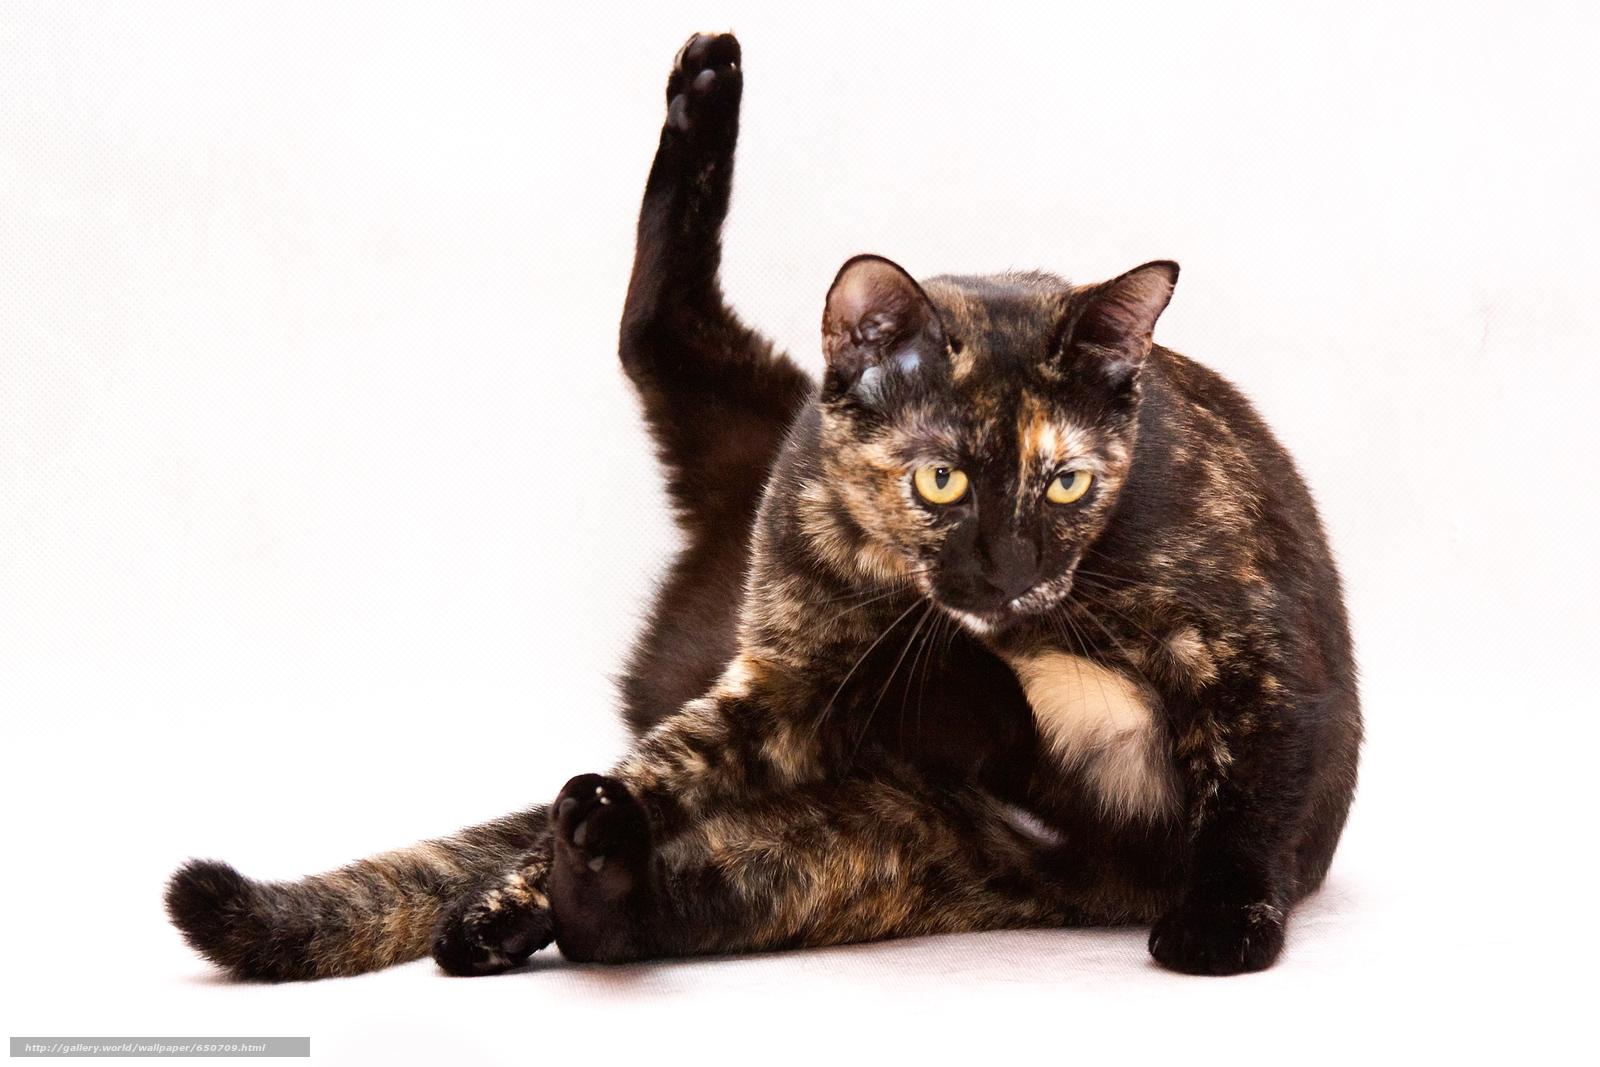 Descargar gratis COTE,  gato,  gato,  fondo Fondos de escritorio en la resolucin 2500x1667 — imagen №650709